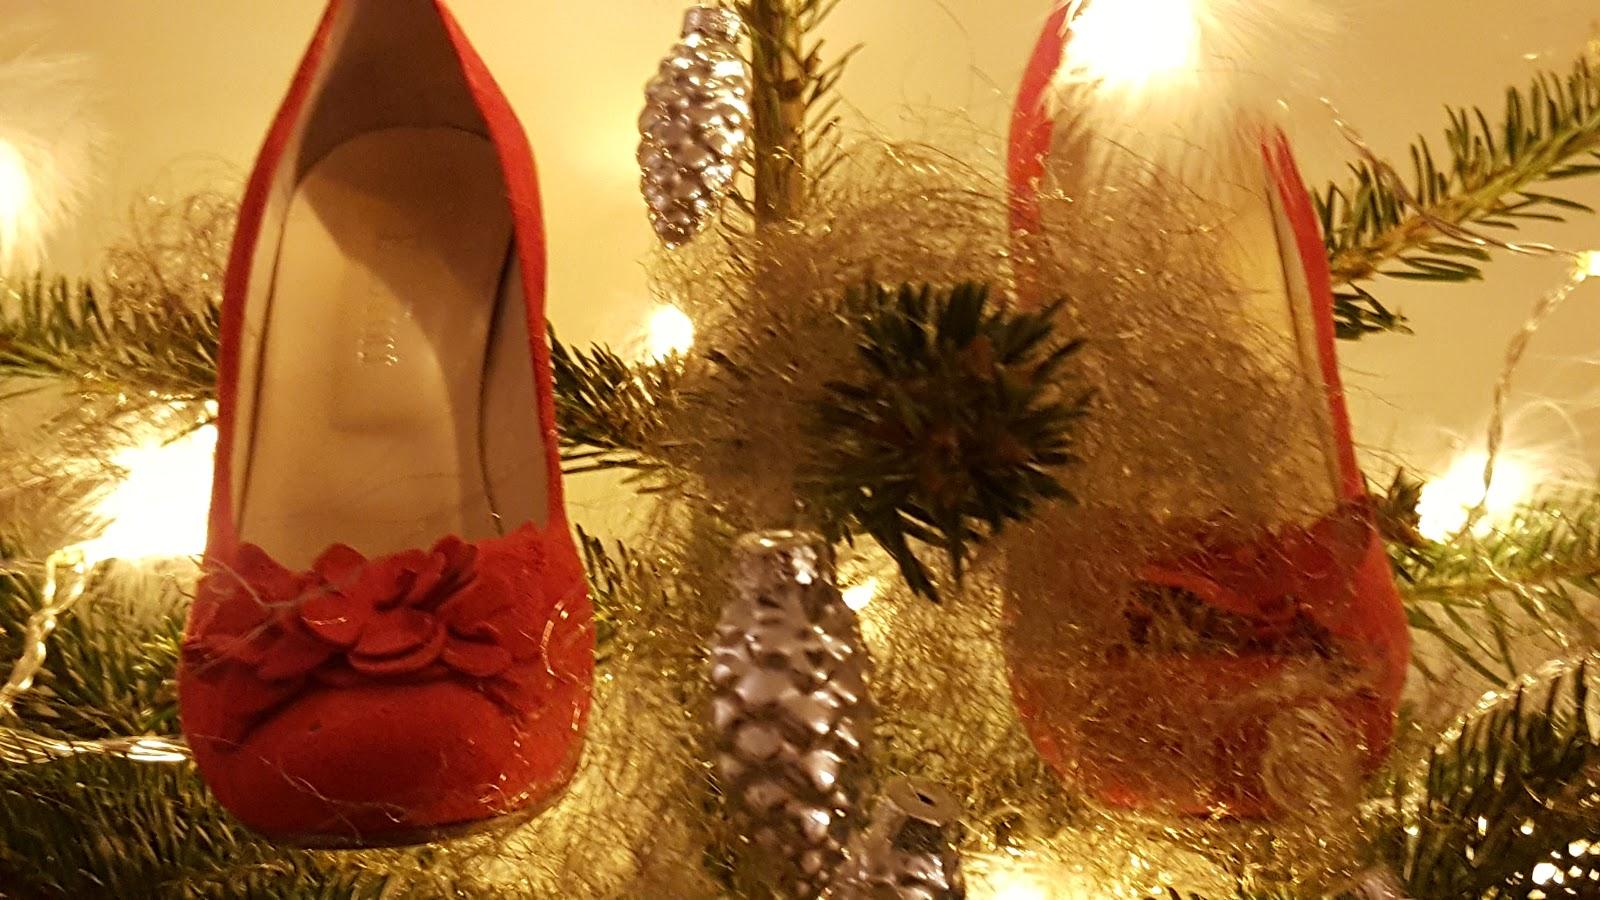 23fbdc51 Etter bruk av denne metoden på skoene kan jeg kanskje se frem mor en  julaften som avsluttes med skoene fremdeles på føttene.